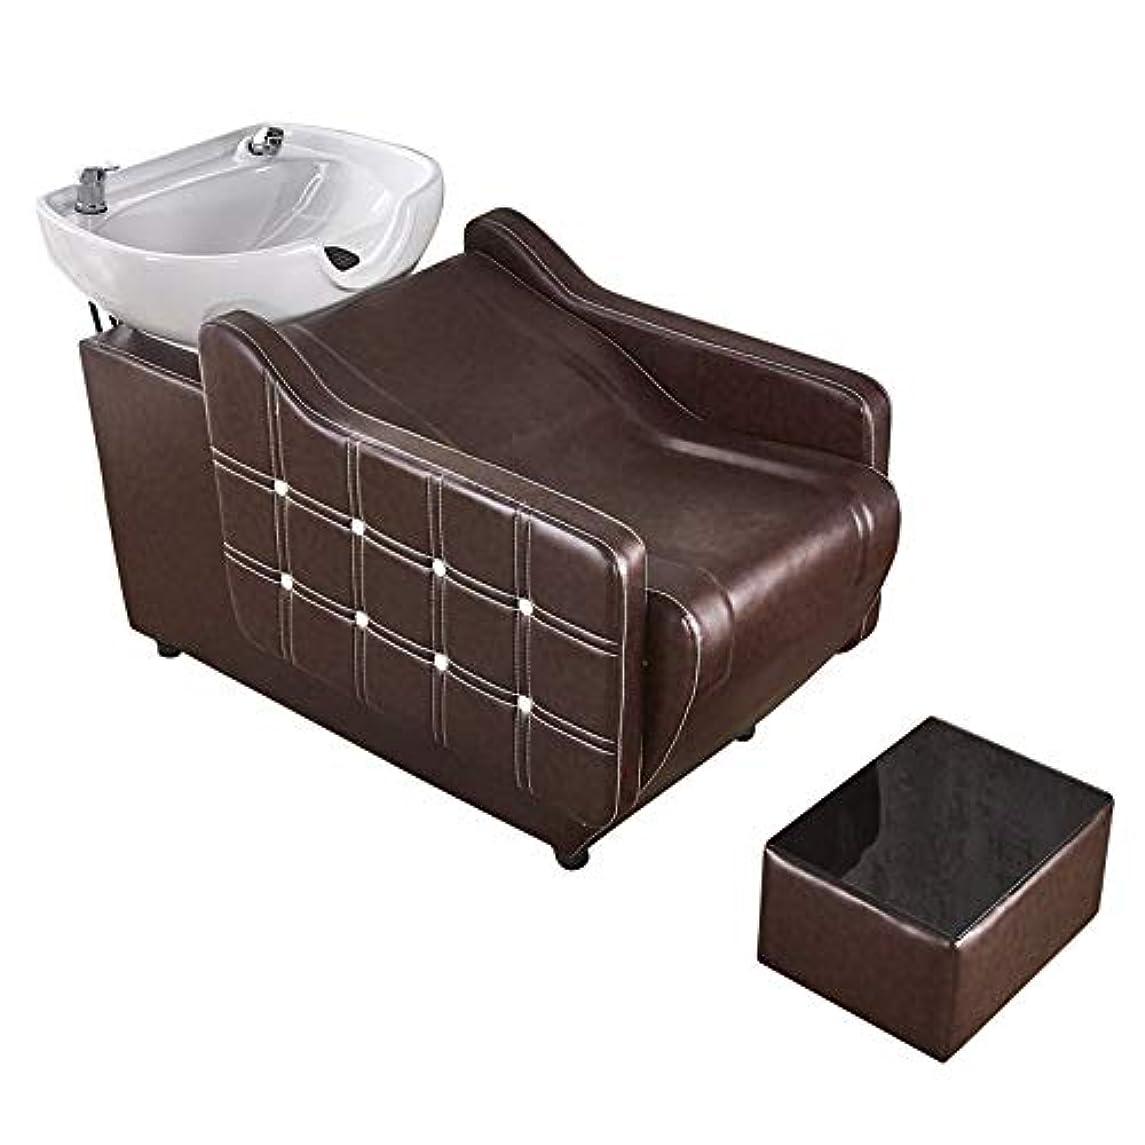 ハンサム影響レギュラーシャンプーチェア、理髪店の逆洗ユニットシャンプーボウル理髪シンクの椅子用スパ美容院